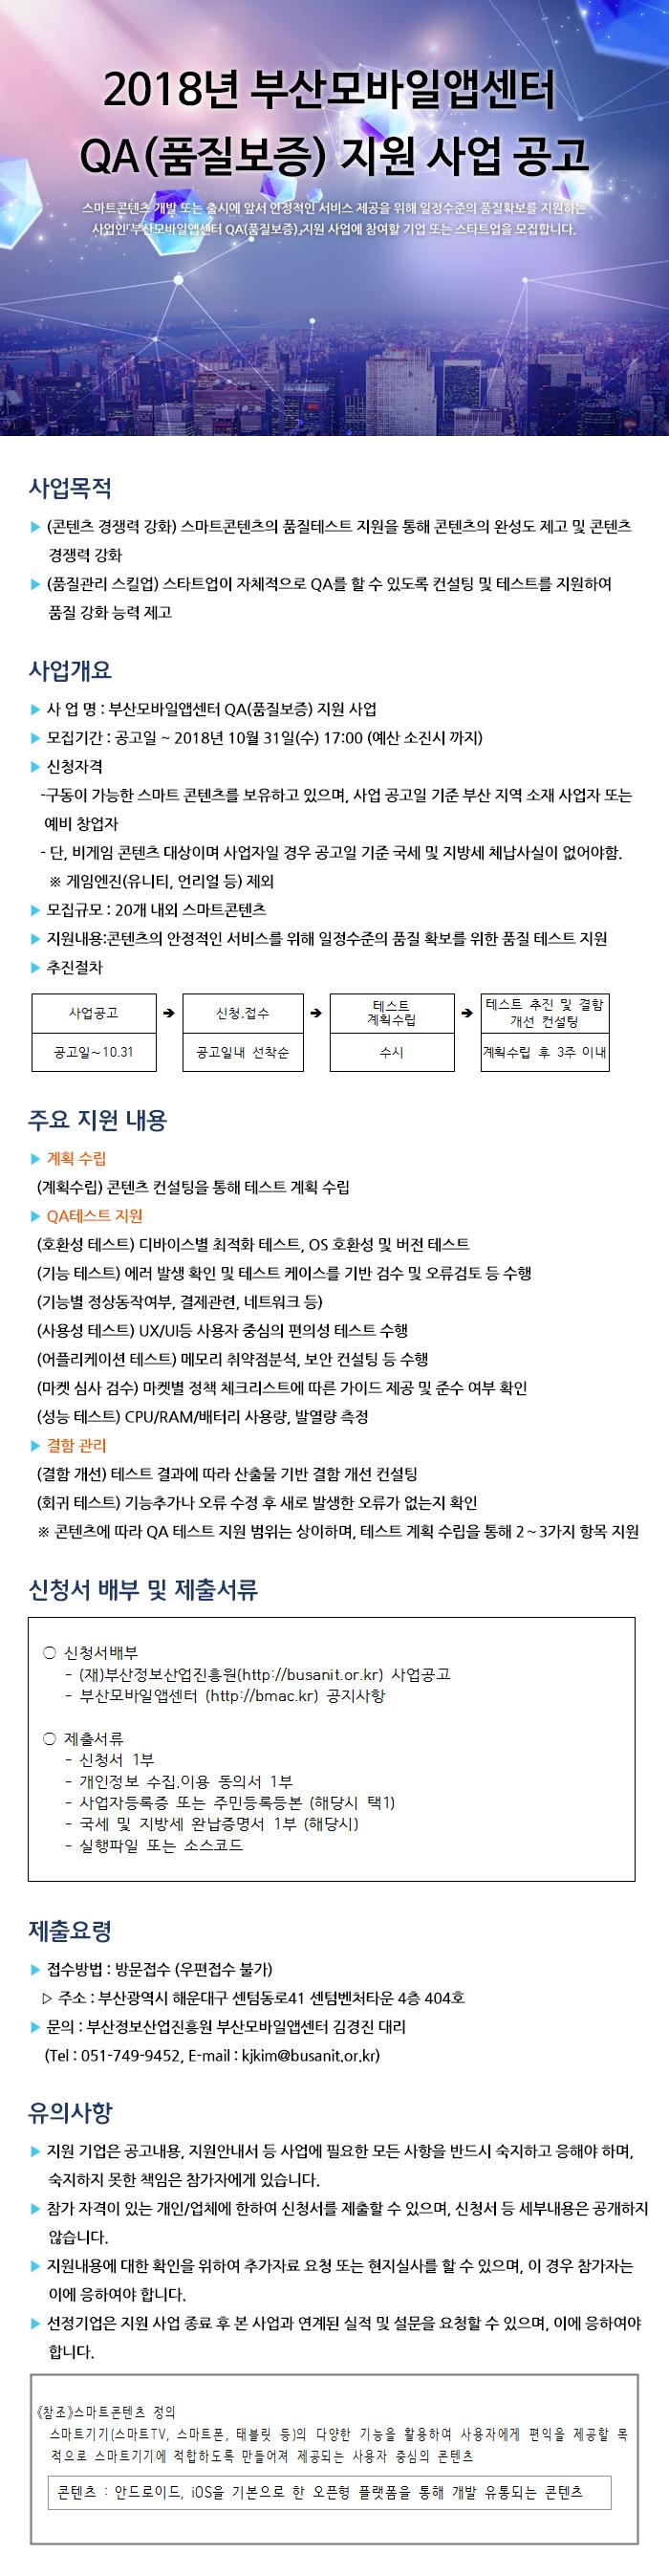 2018 부산모바일앱센터 QA(품질보증) 지원 사업 공고